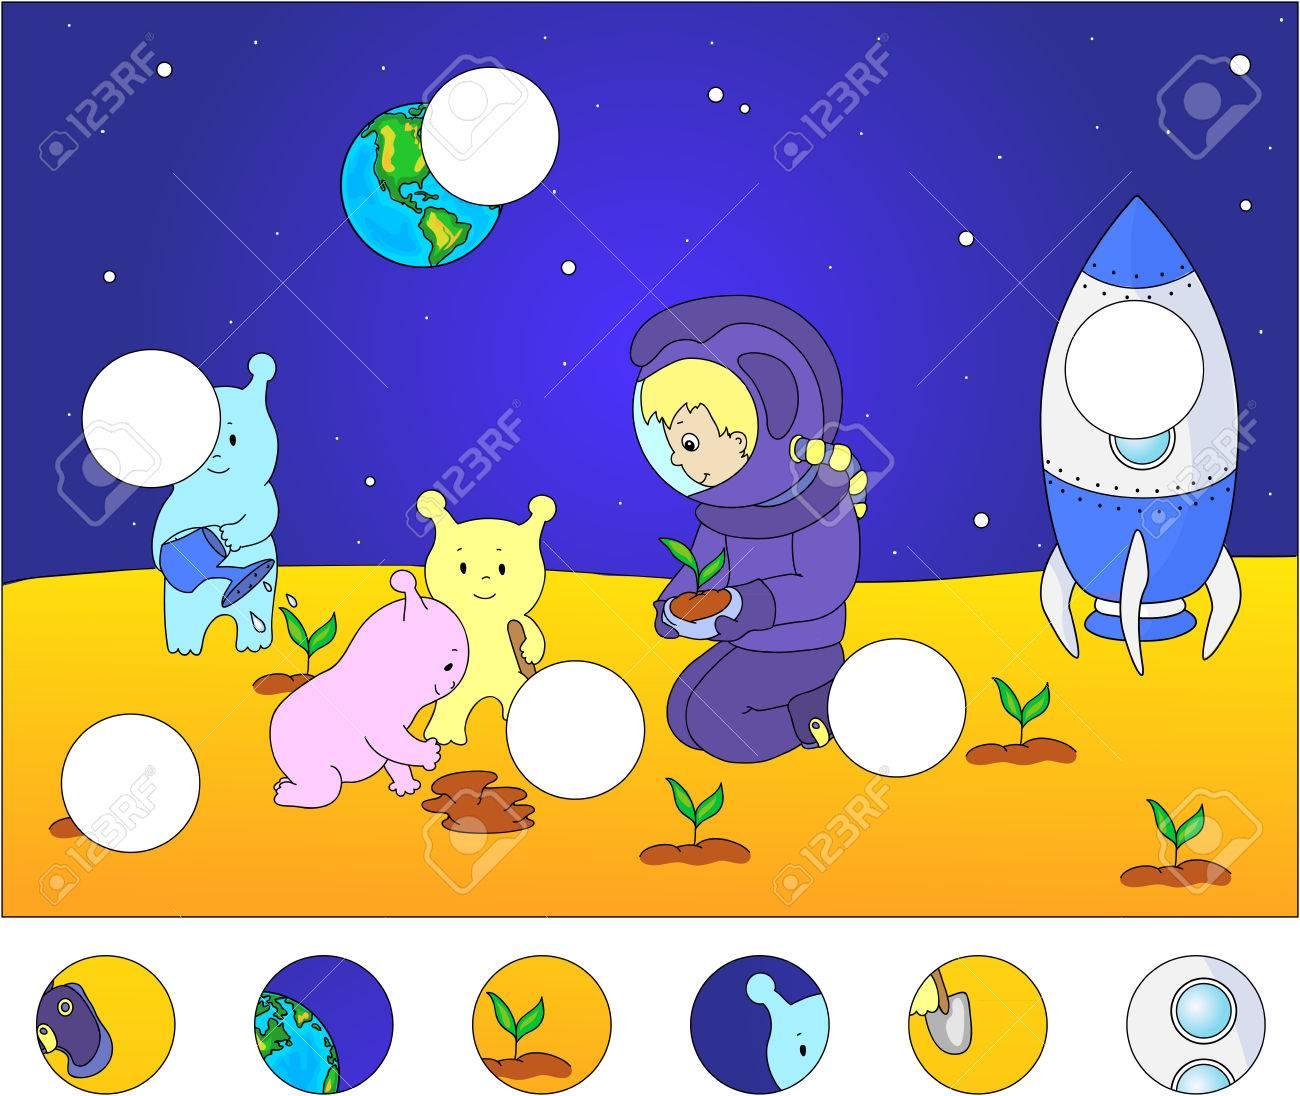 Aliens Und Astronauten Die Bewässerung Der Pflanzen Auf Dem Planeten ...